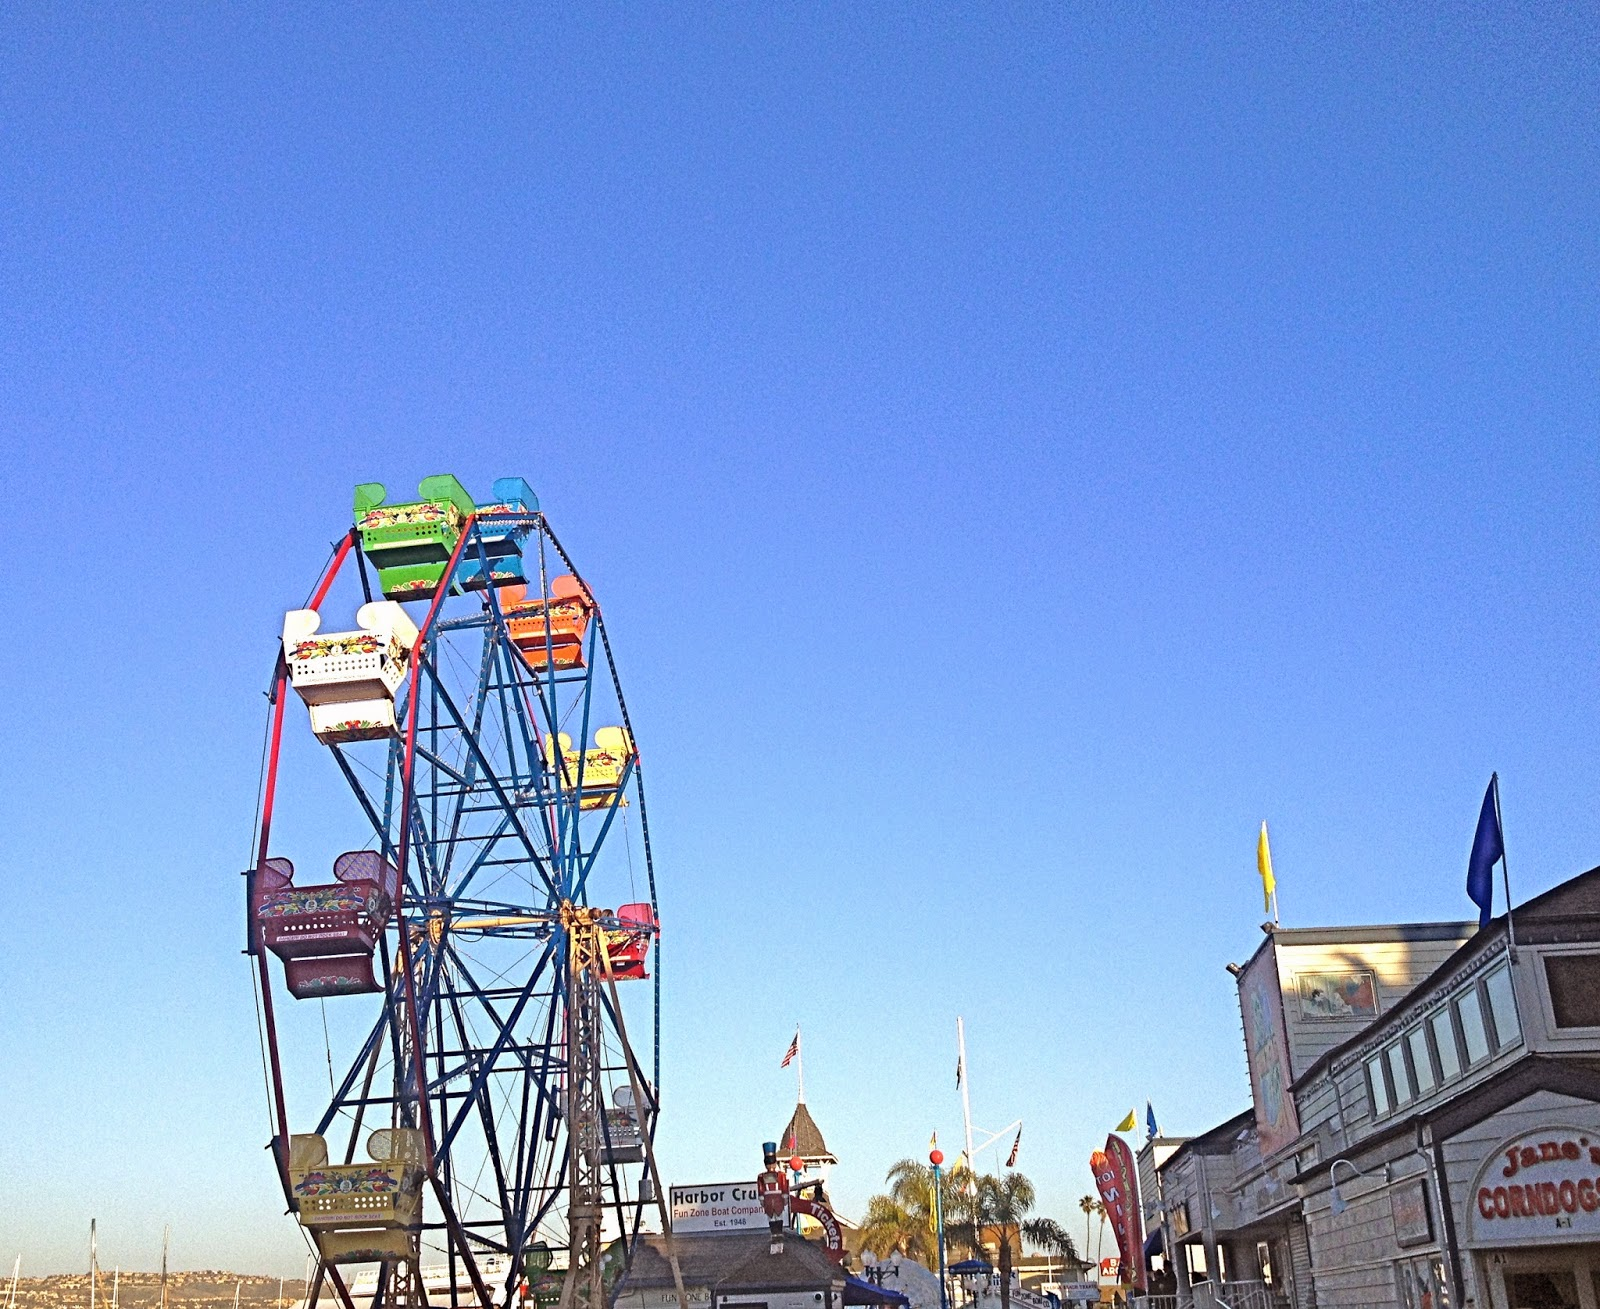 Balboa Island Ferris Wheel